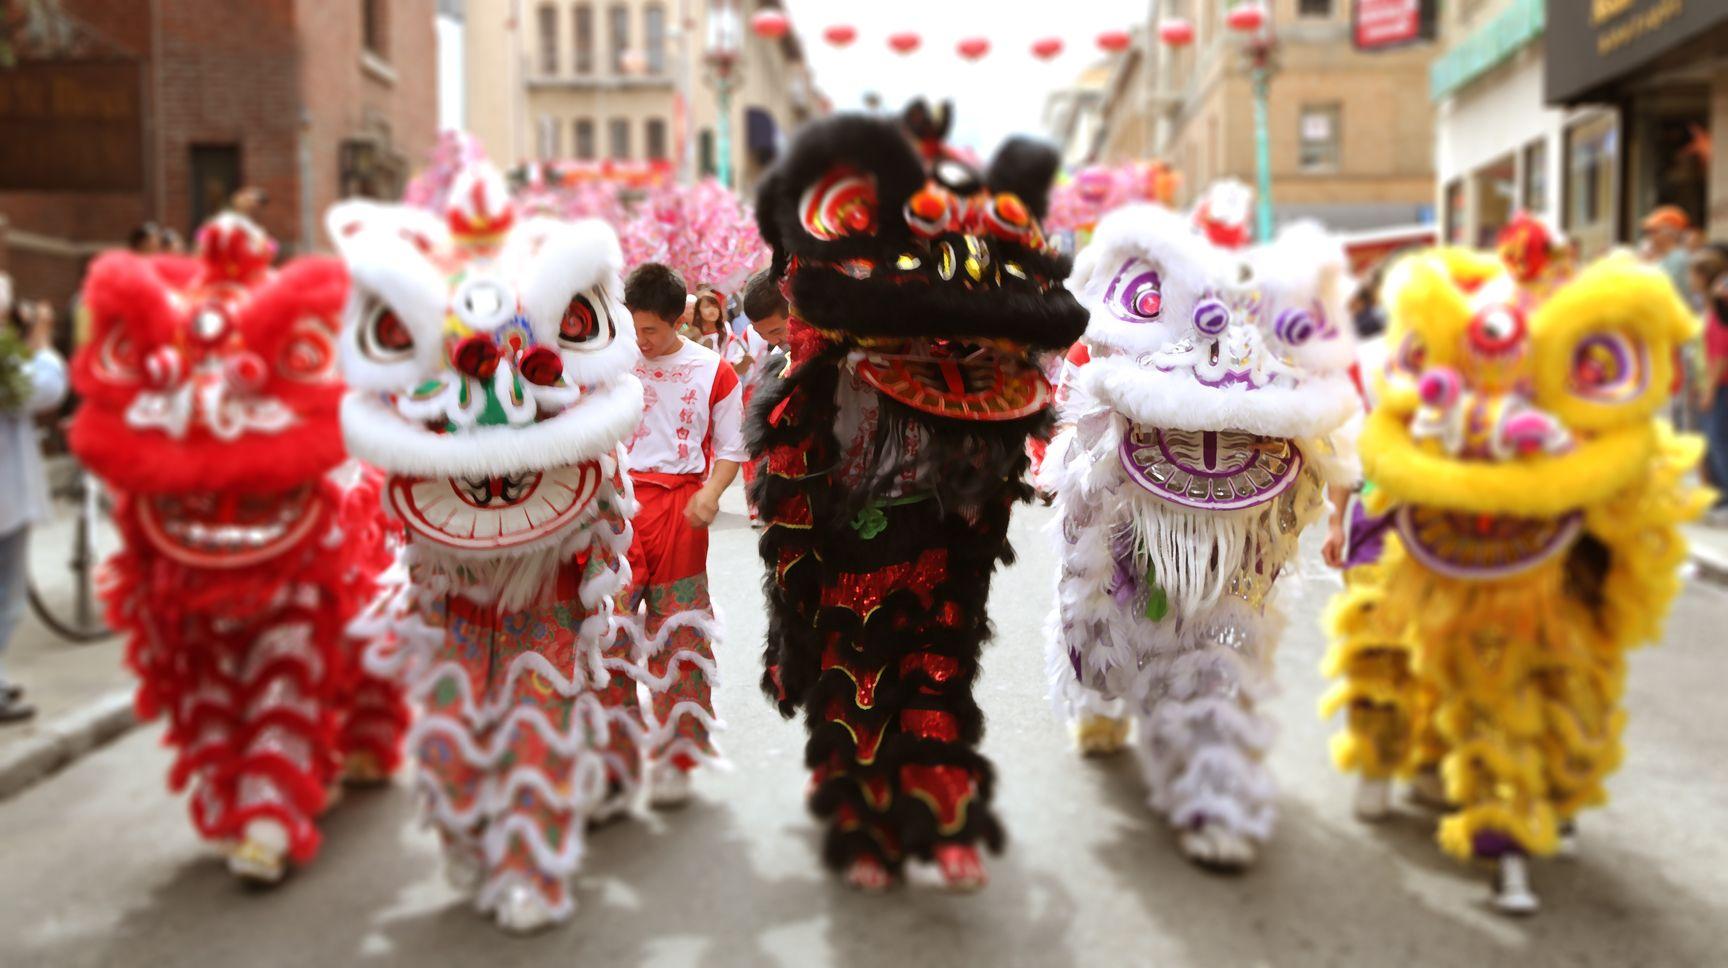 Liondance Chinesenewyear Dragon Dance Lion Dance Chinese Lion Dance